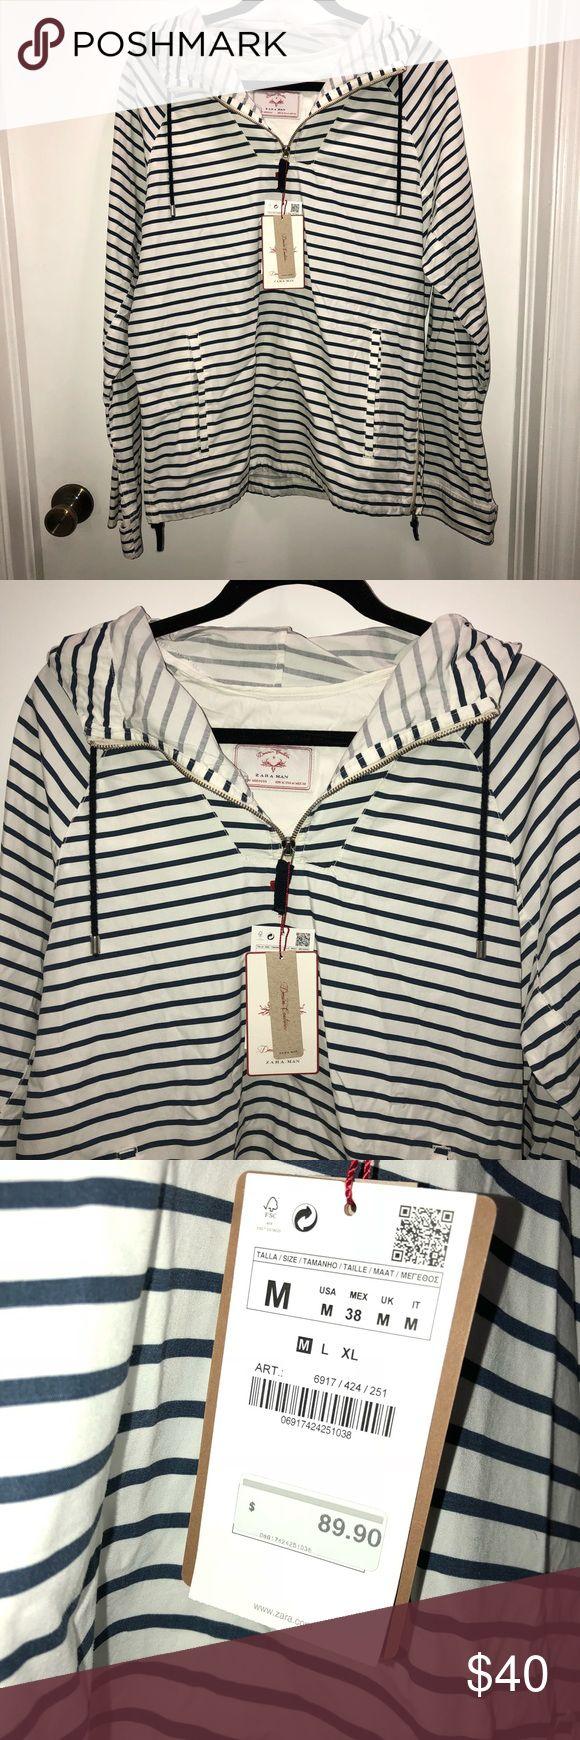 Zara man jacket Zara man denim couture jacket with hood  Navy striped  New with tags  Medium Zara Jackets & Coats